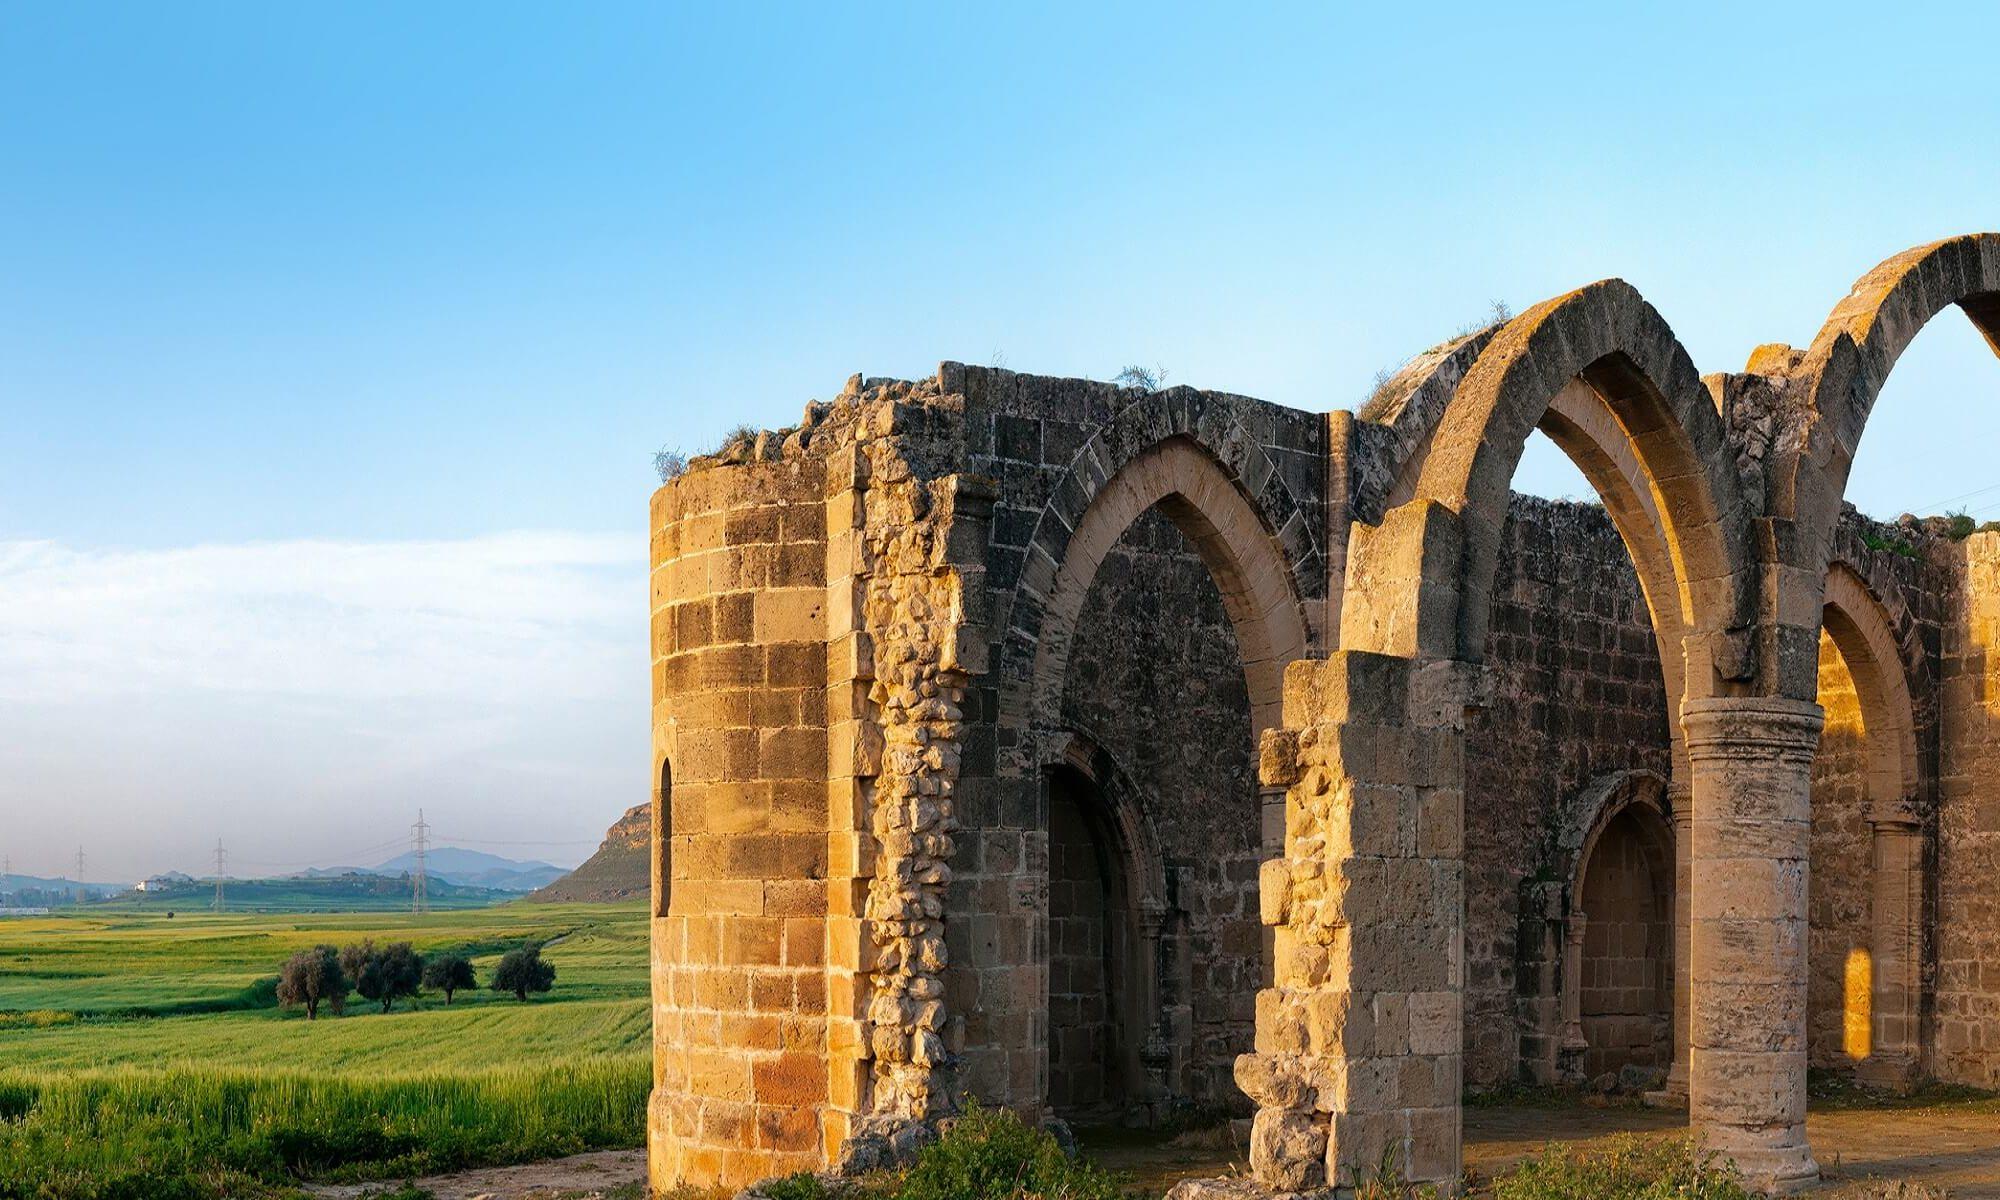 Antike Ruinen auf Zypern